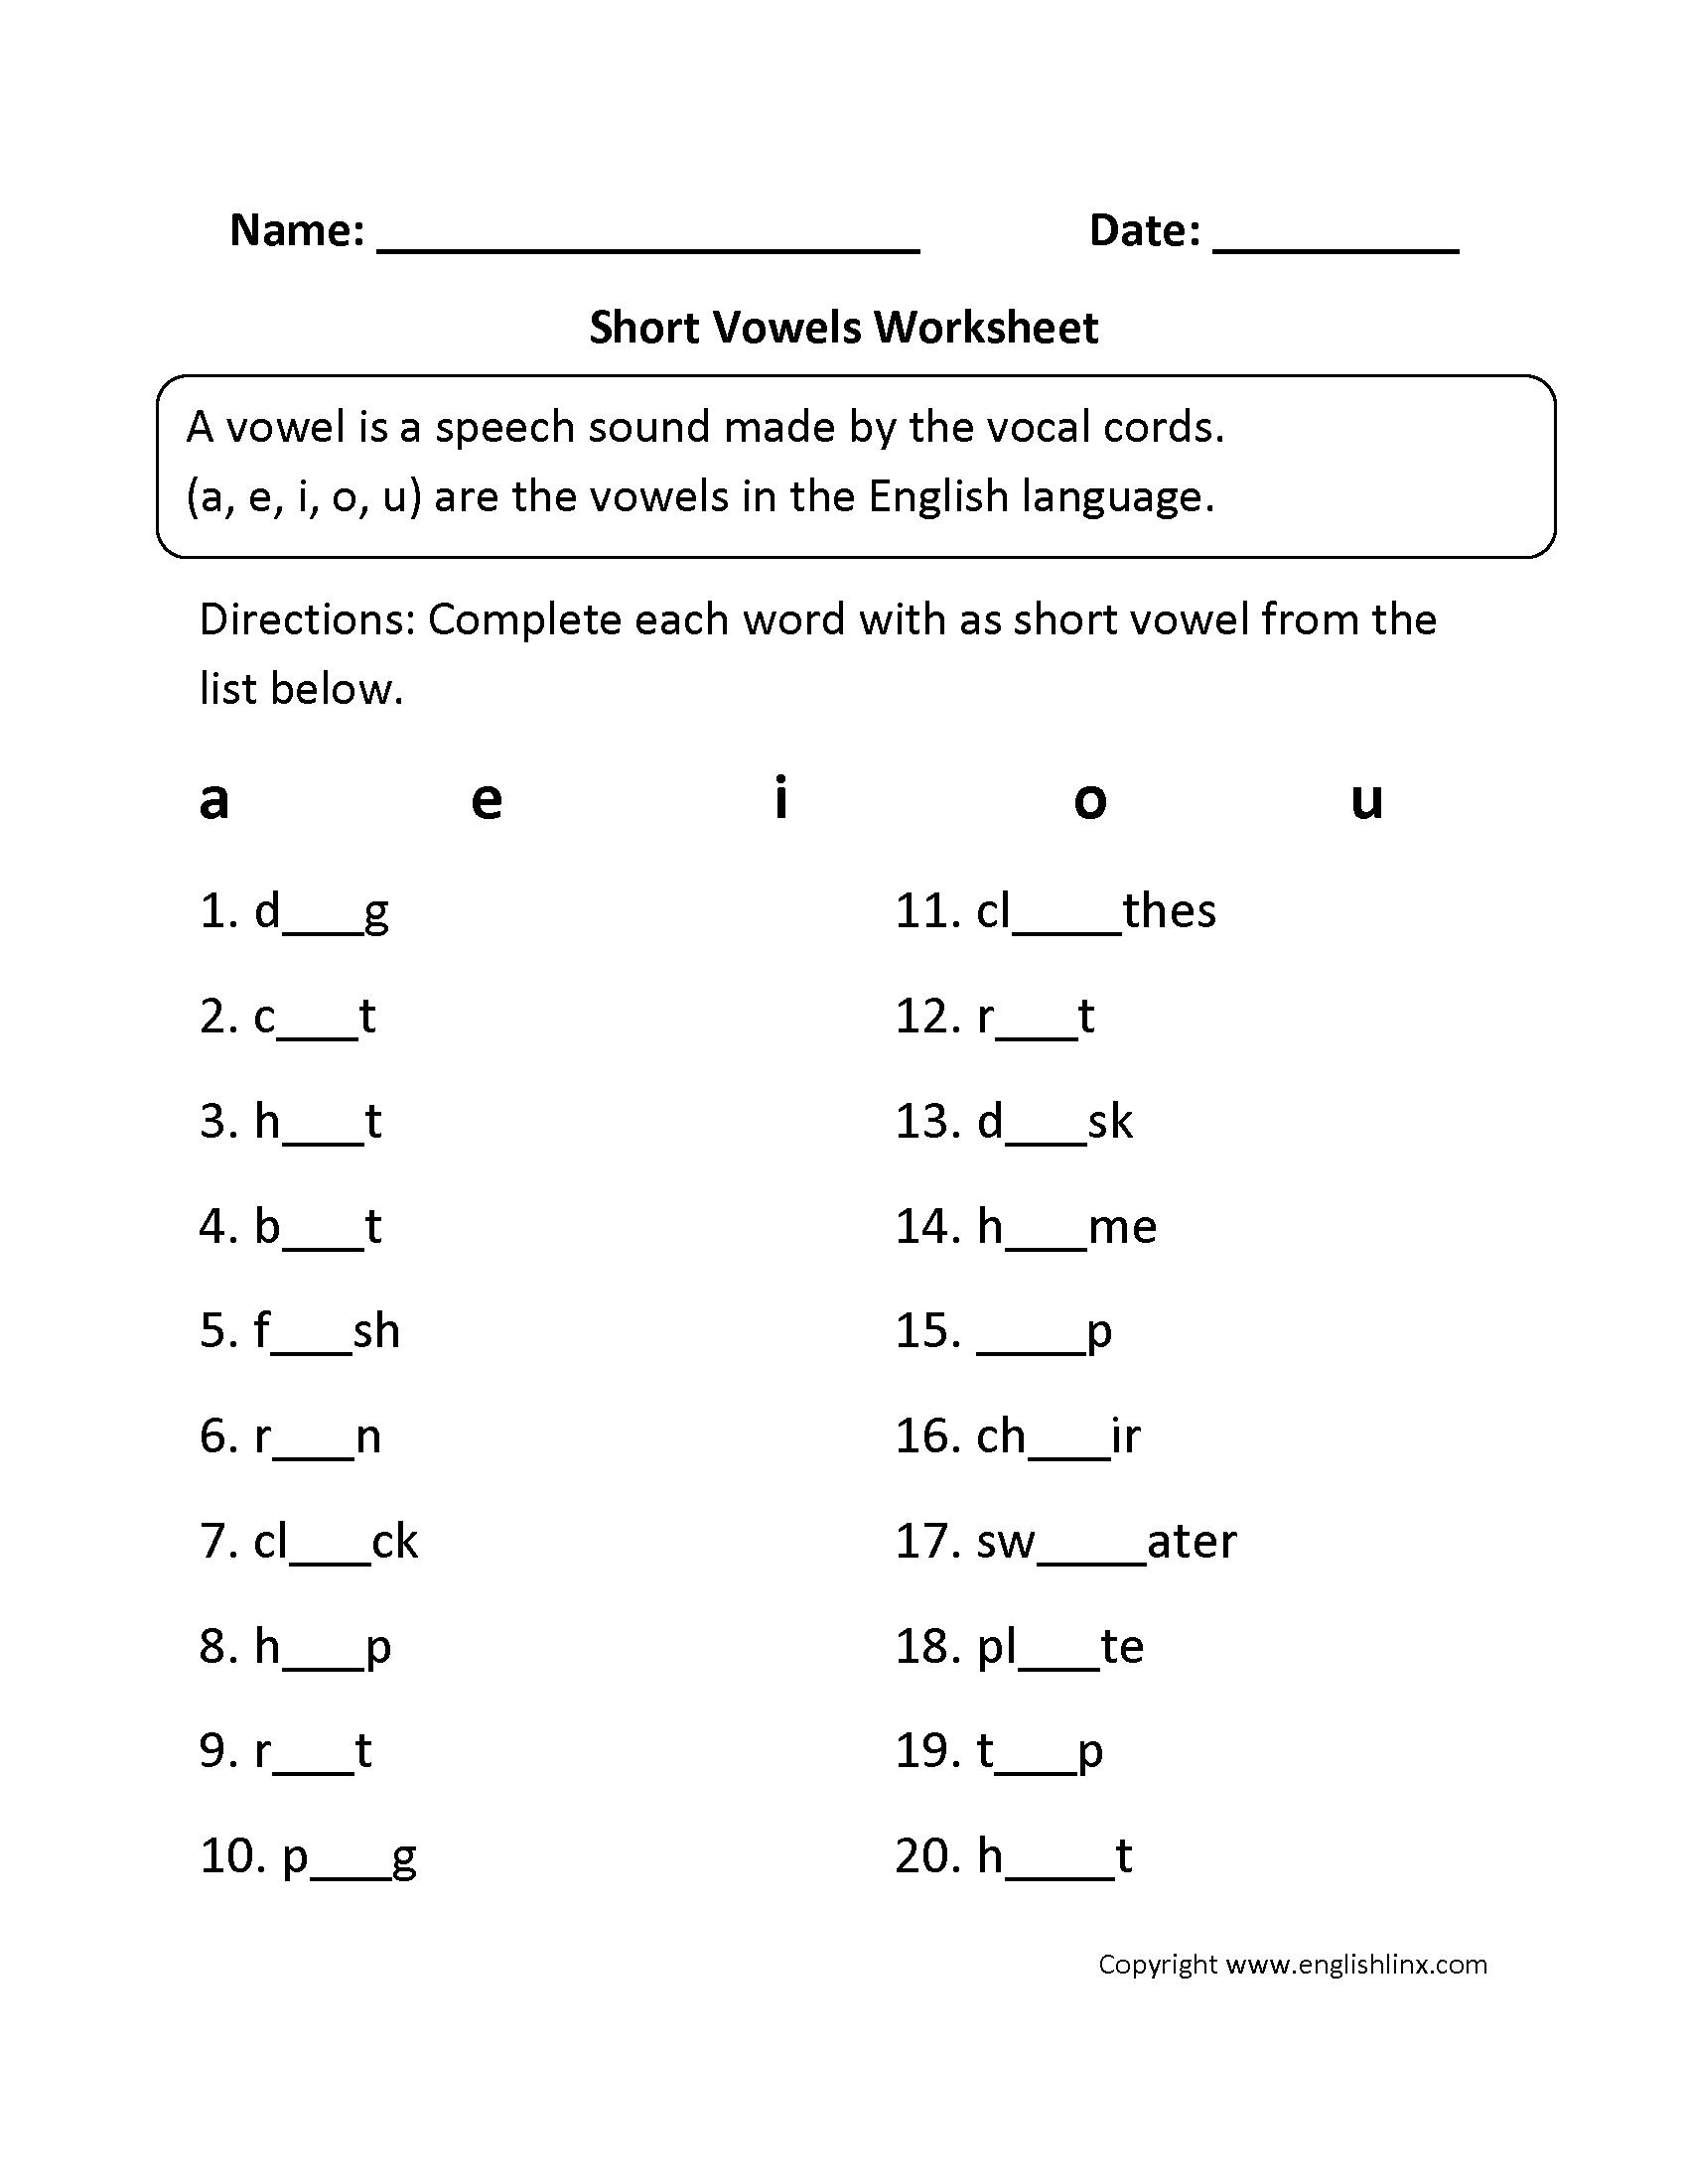 Short Vowel Worksheets Free The Best Worksheets Image Collection